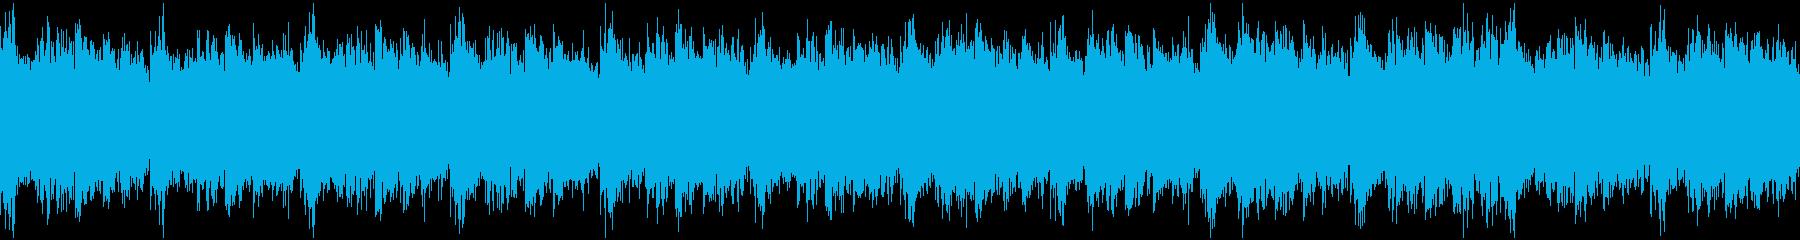 急ぐ展開などの切迫したBGMの再生済みの波形